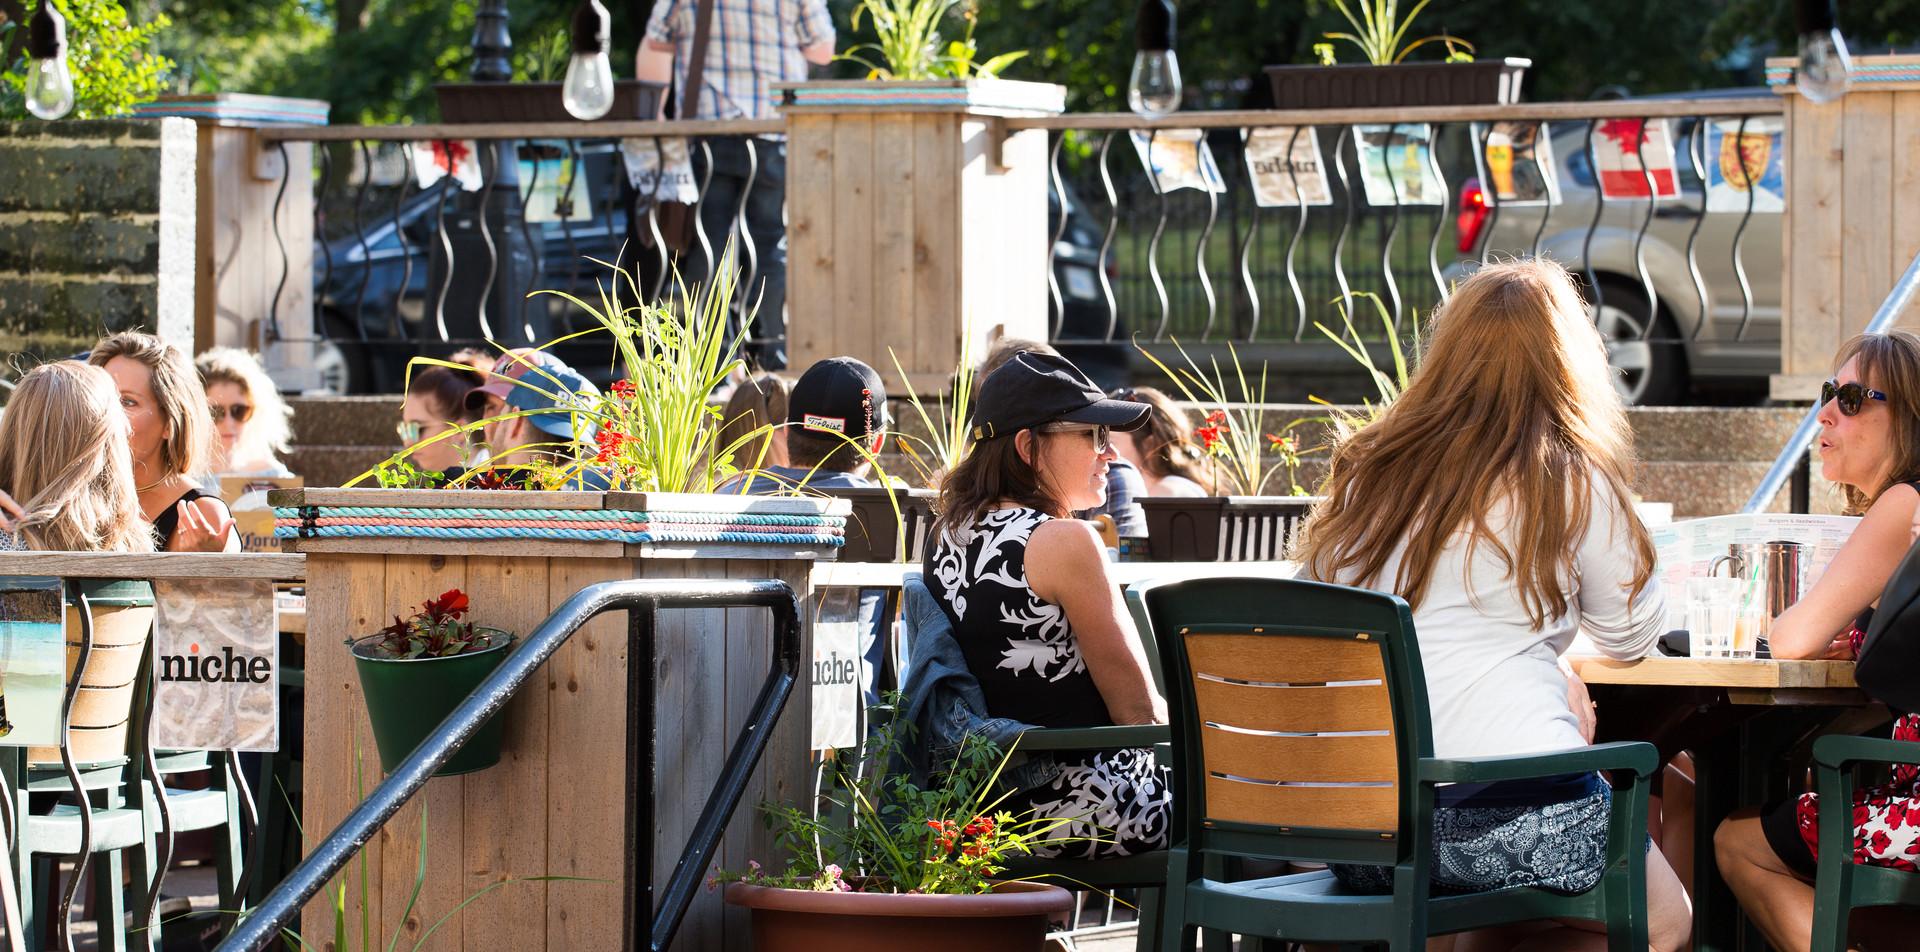 niche_patio_summer_2017-0075.jpg